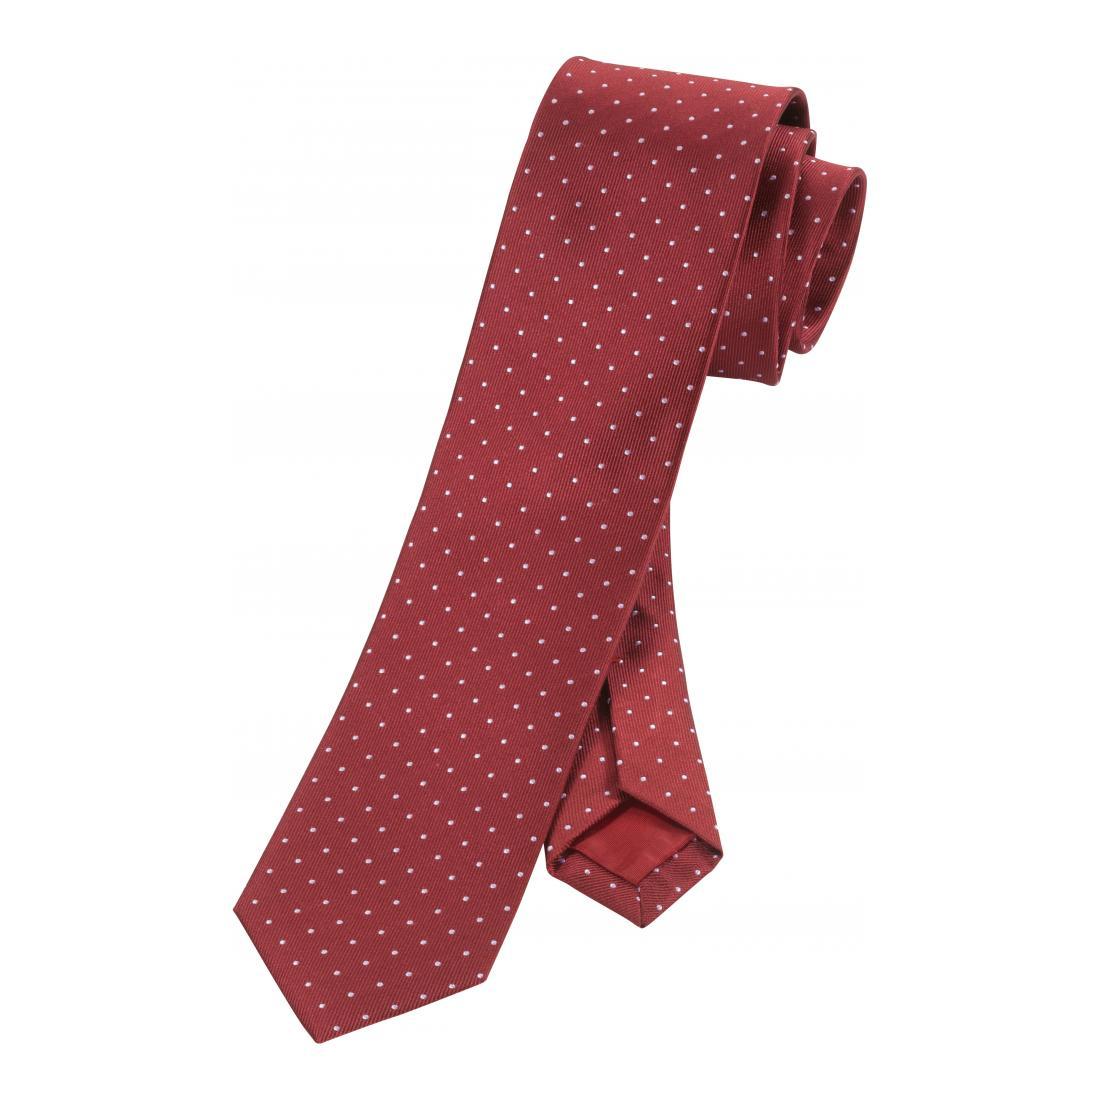 Olymp Krawatten/Fliege 1799/00 Krawatten